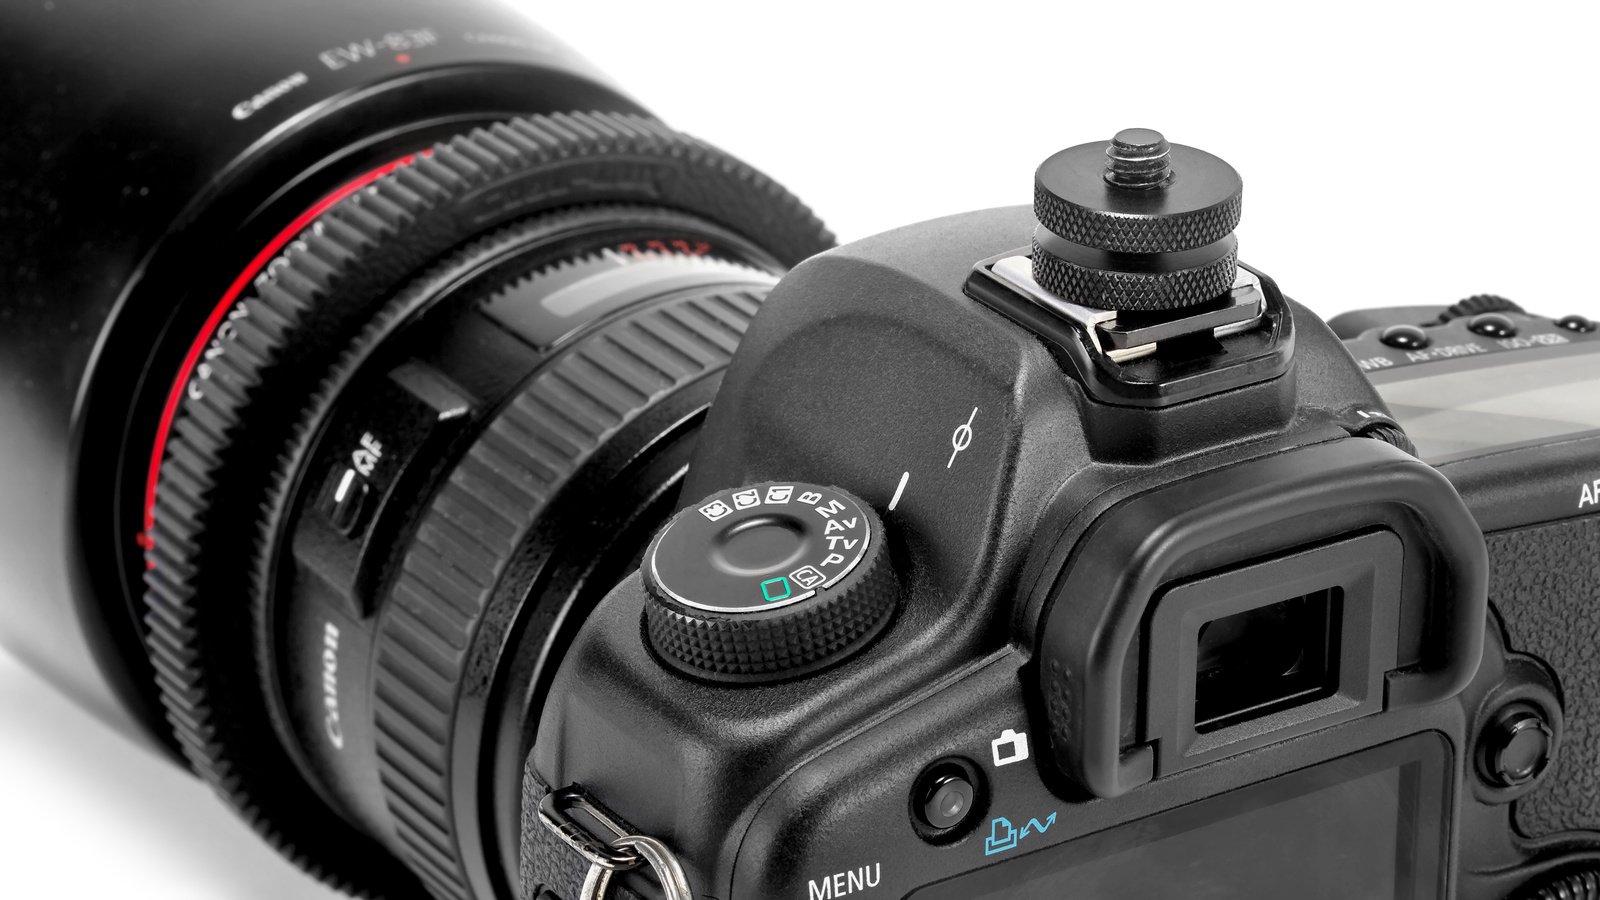 Der Adapter ermöglicht die Befestigung von Zubehör direkt im Blitzschuh einer Kamera.